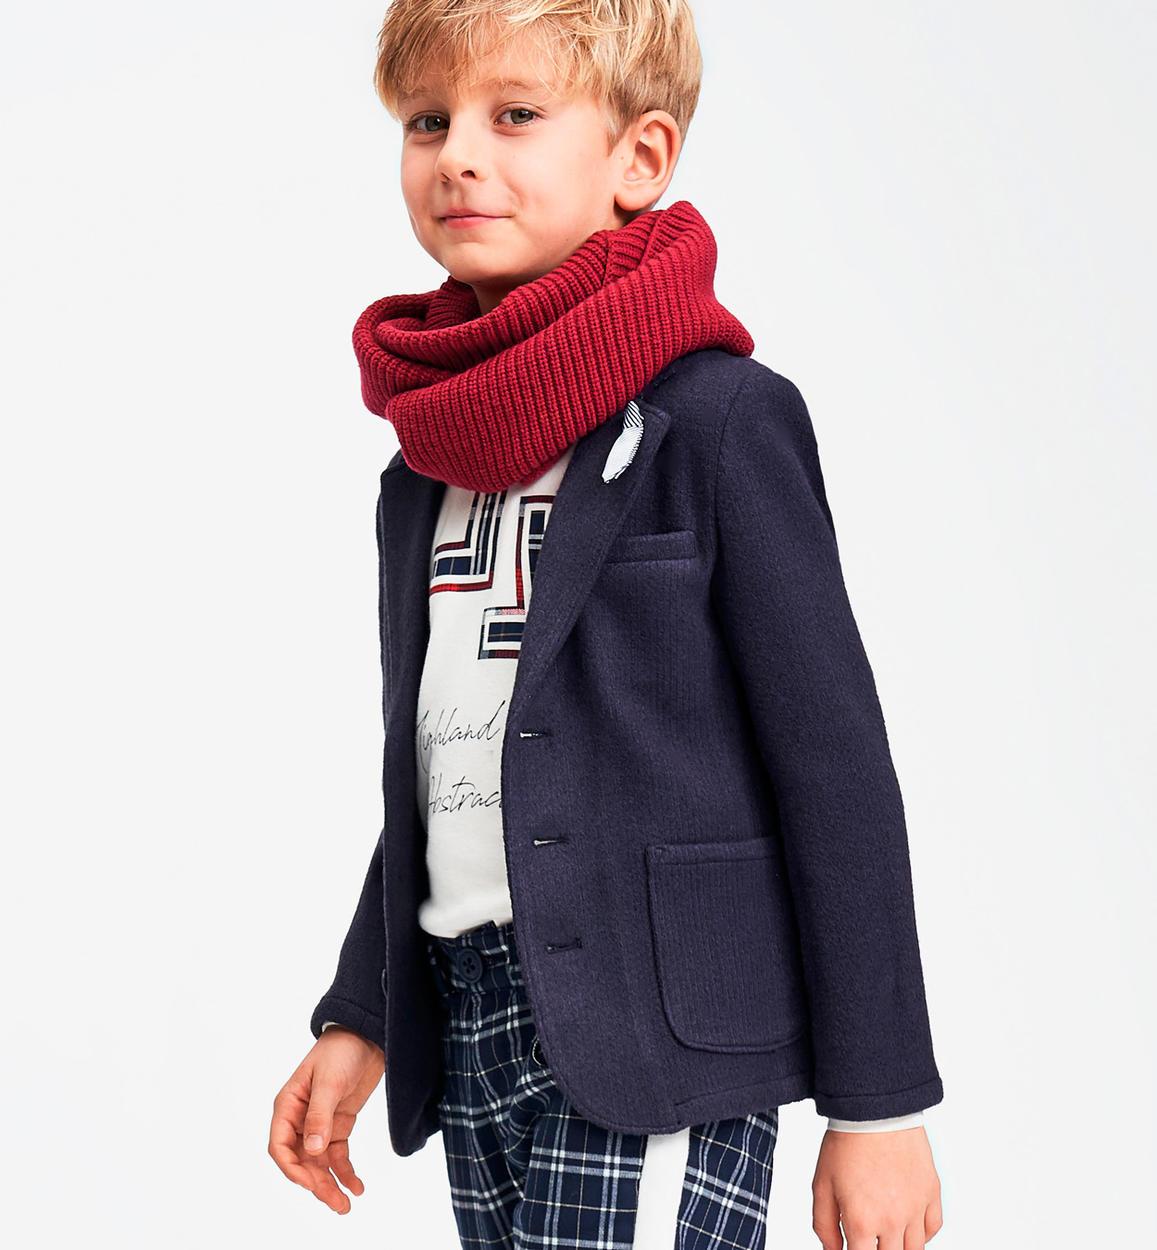 più economico ab311 15cbc Elegante giacca effetto lana cotta per bambino da 6 a 16 anni Sarabanda